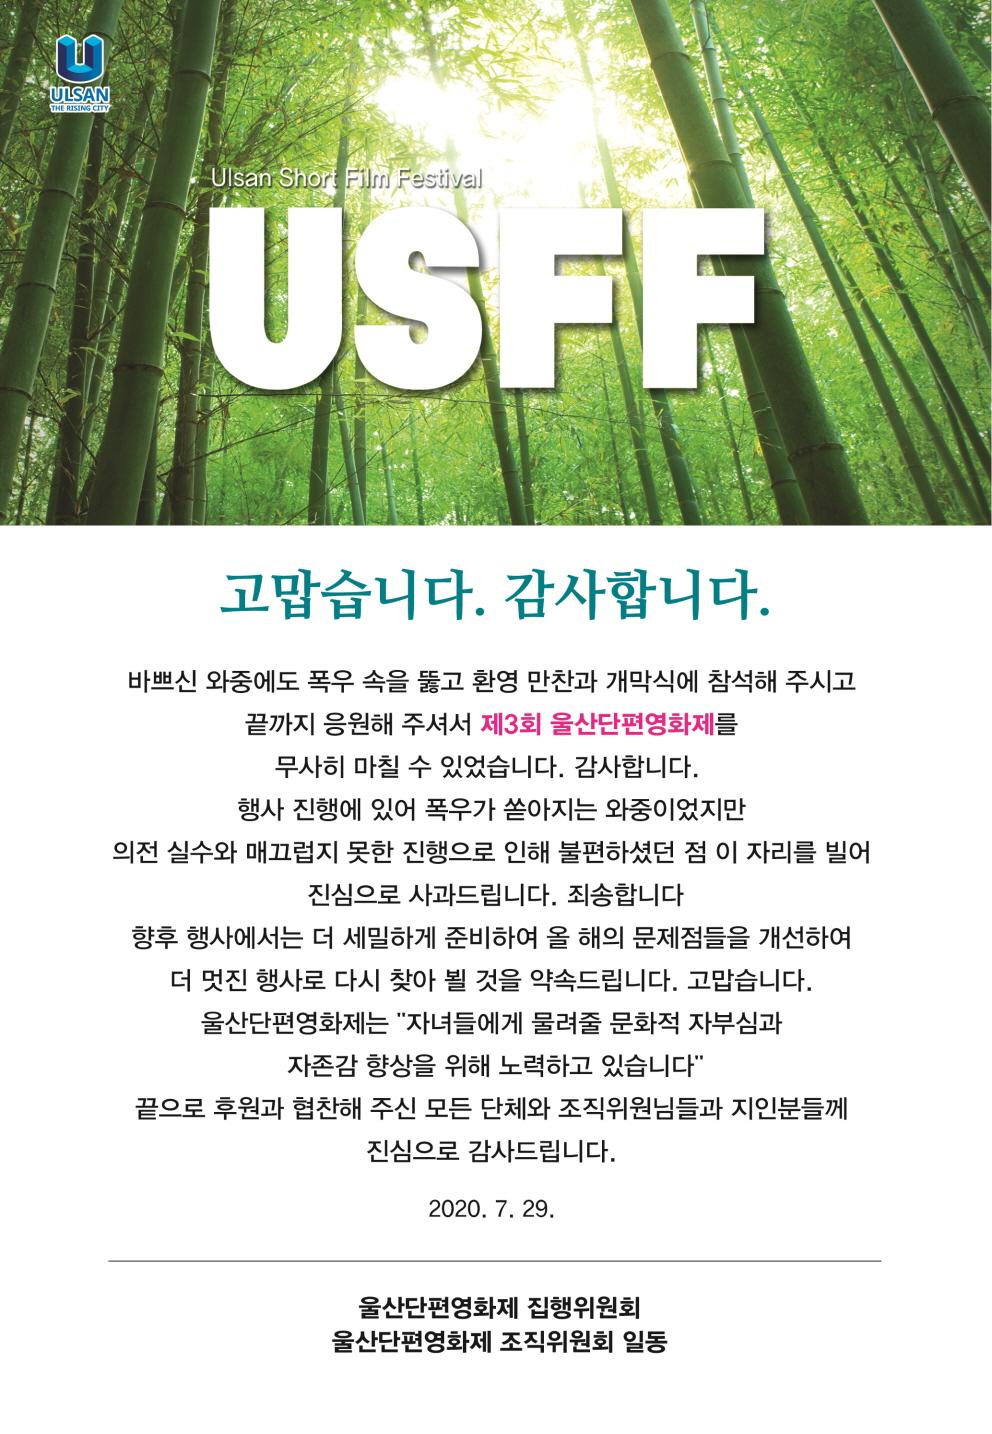 0801제3회 단편영화제 감사의 글.jpg